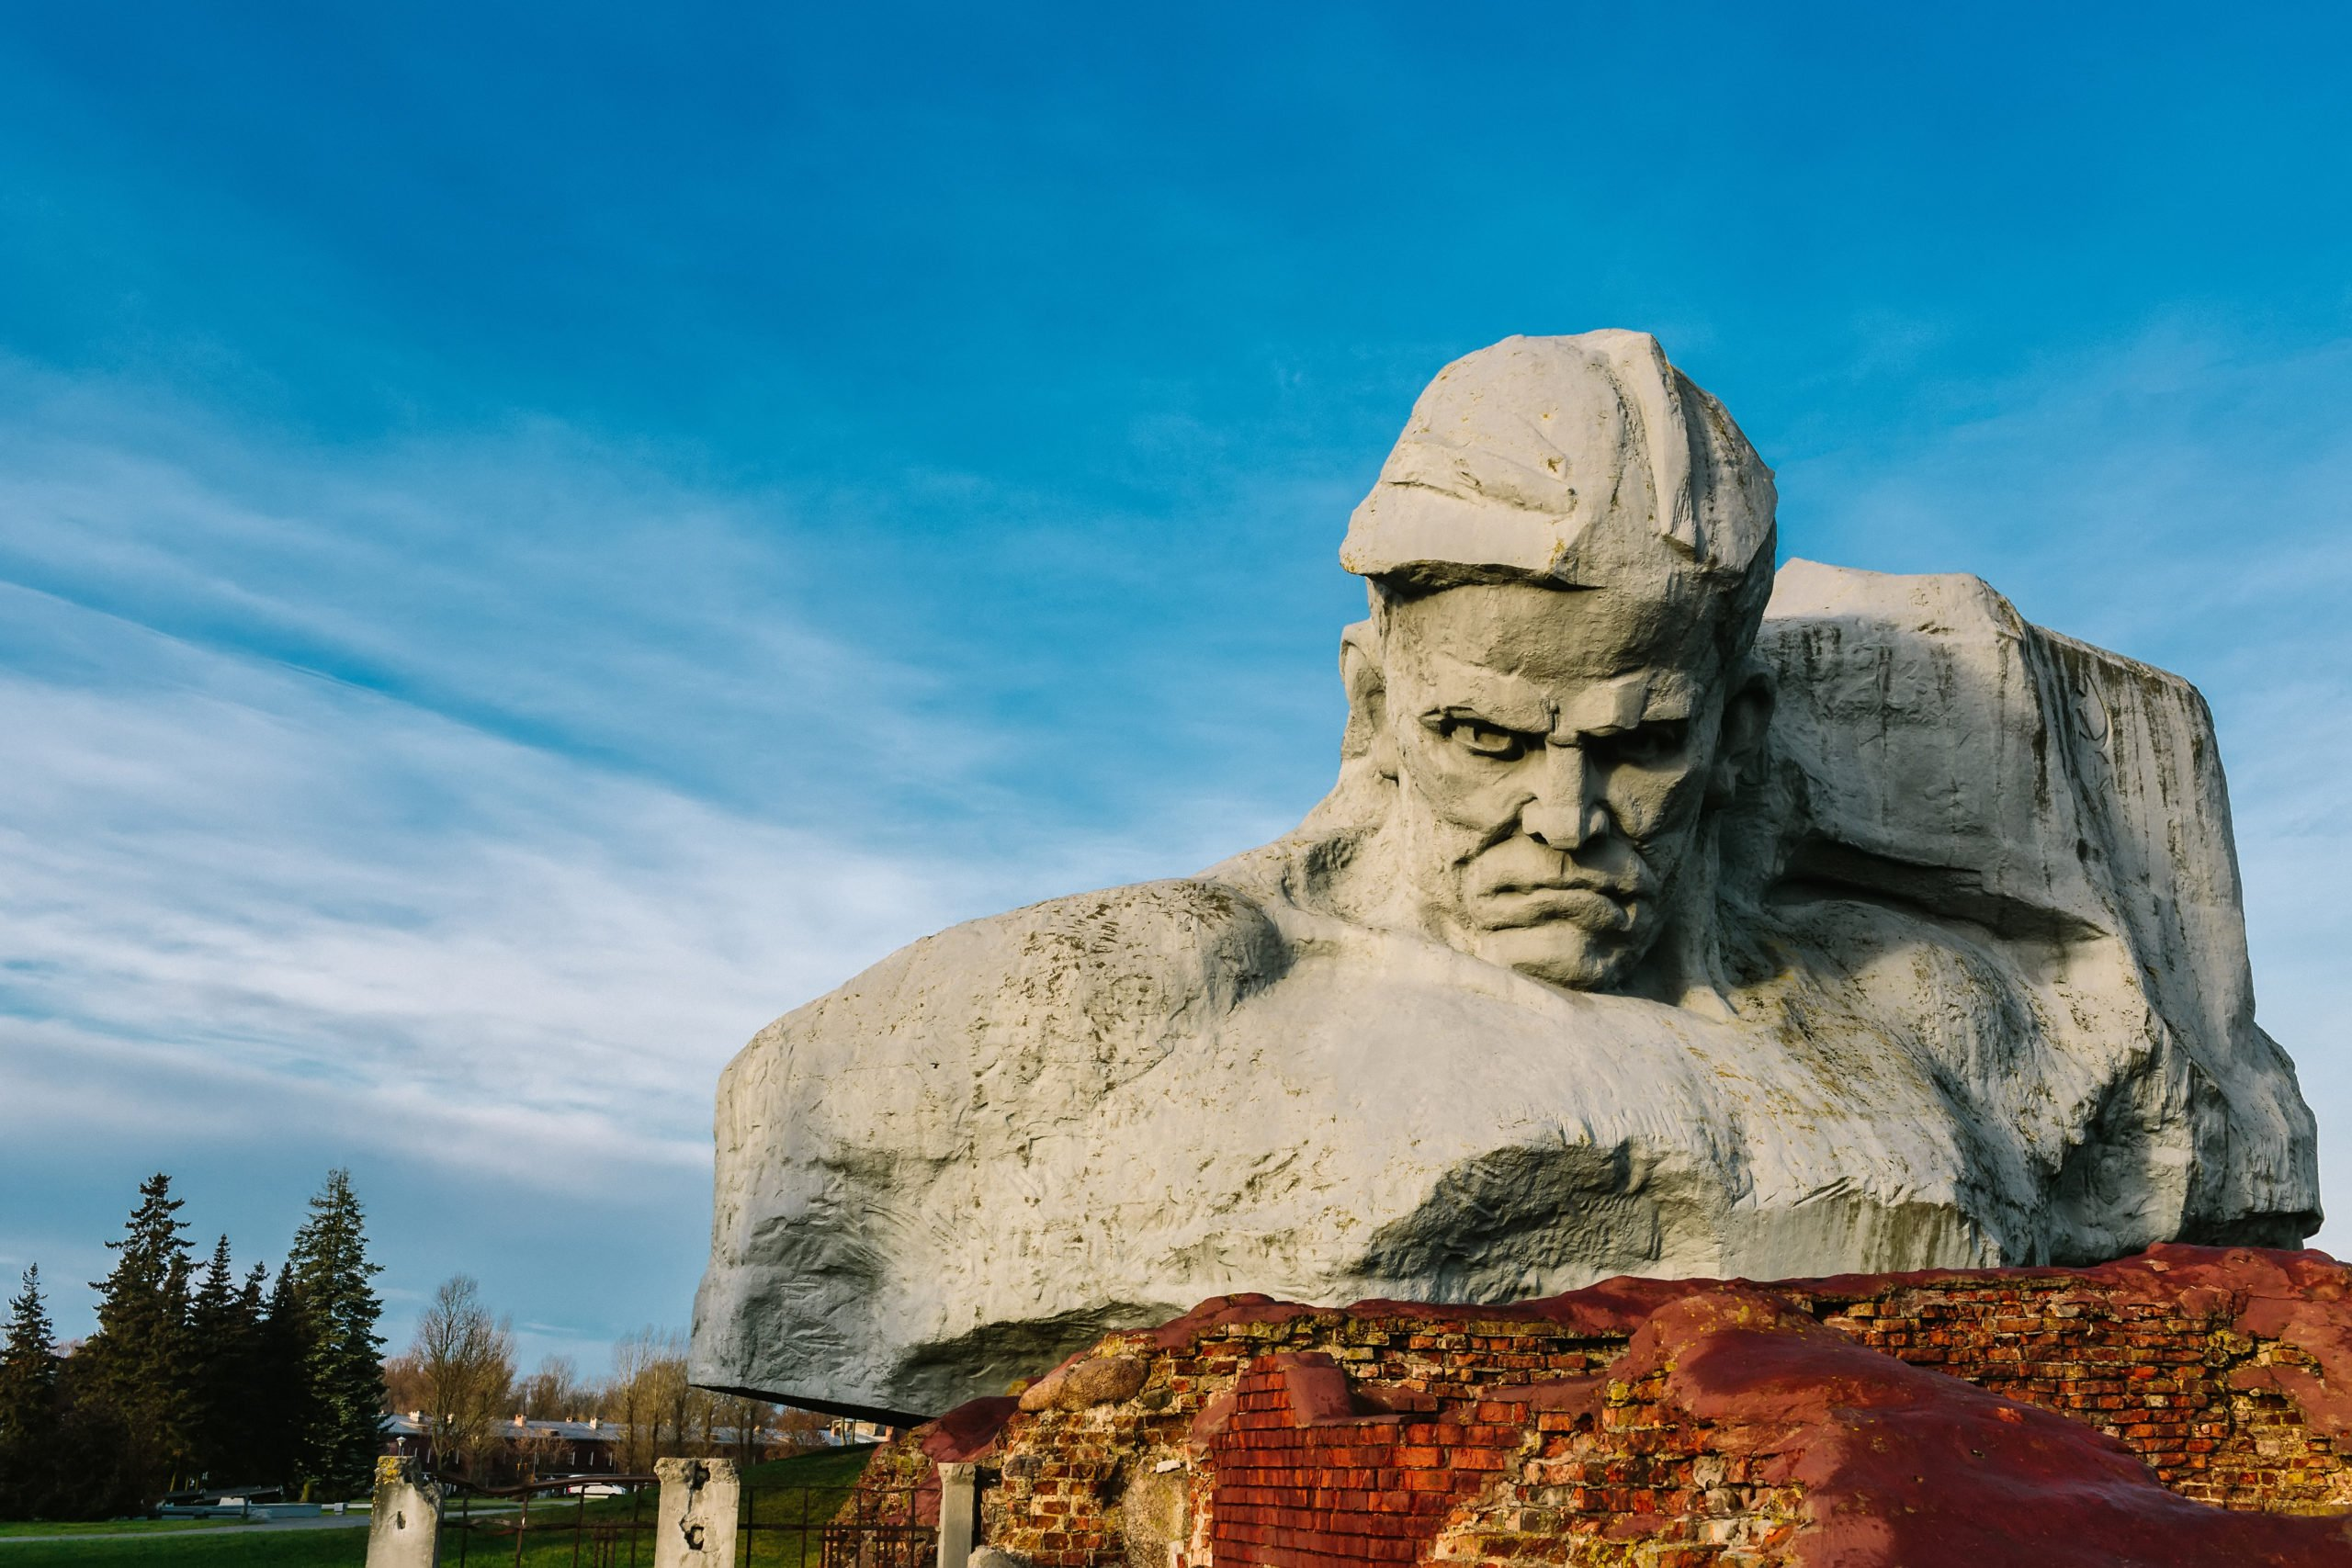 Giant Head. Brest in Belarus. From Shutterstock - By dulebenets